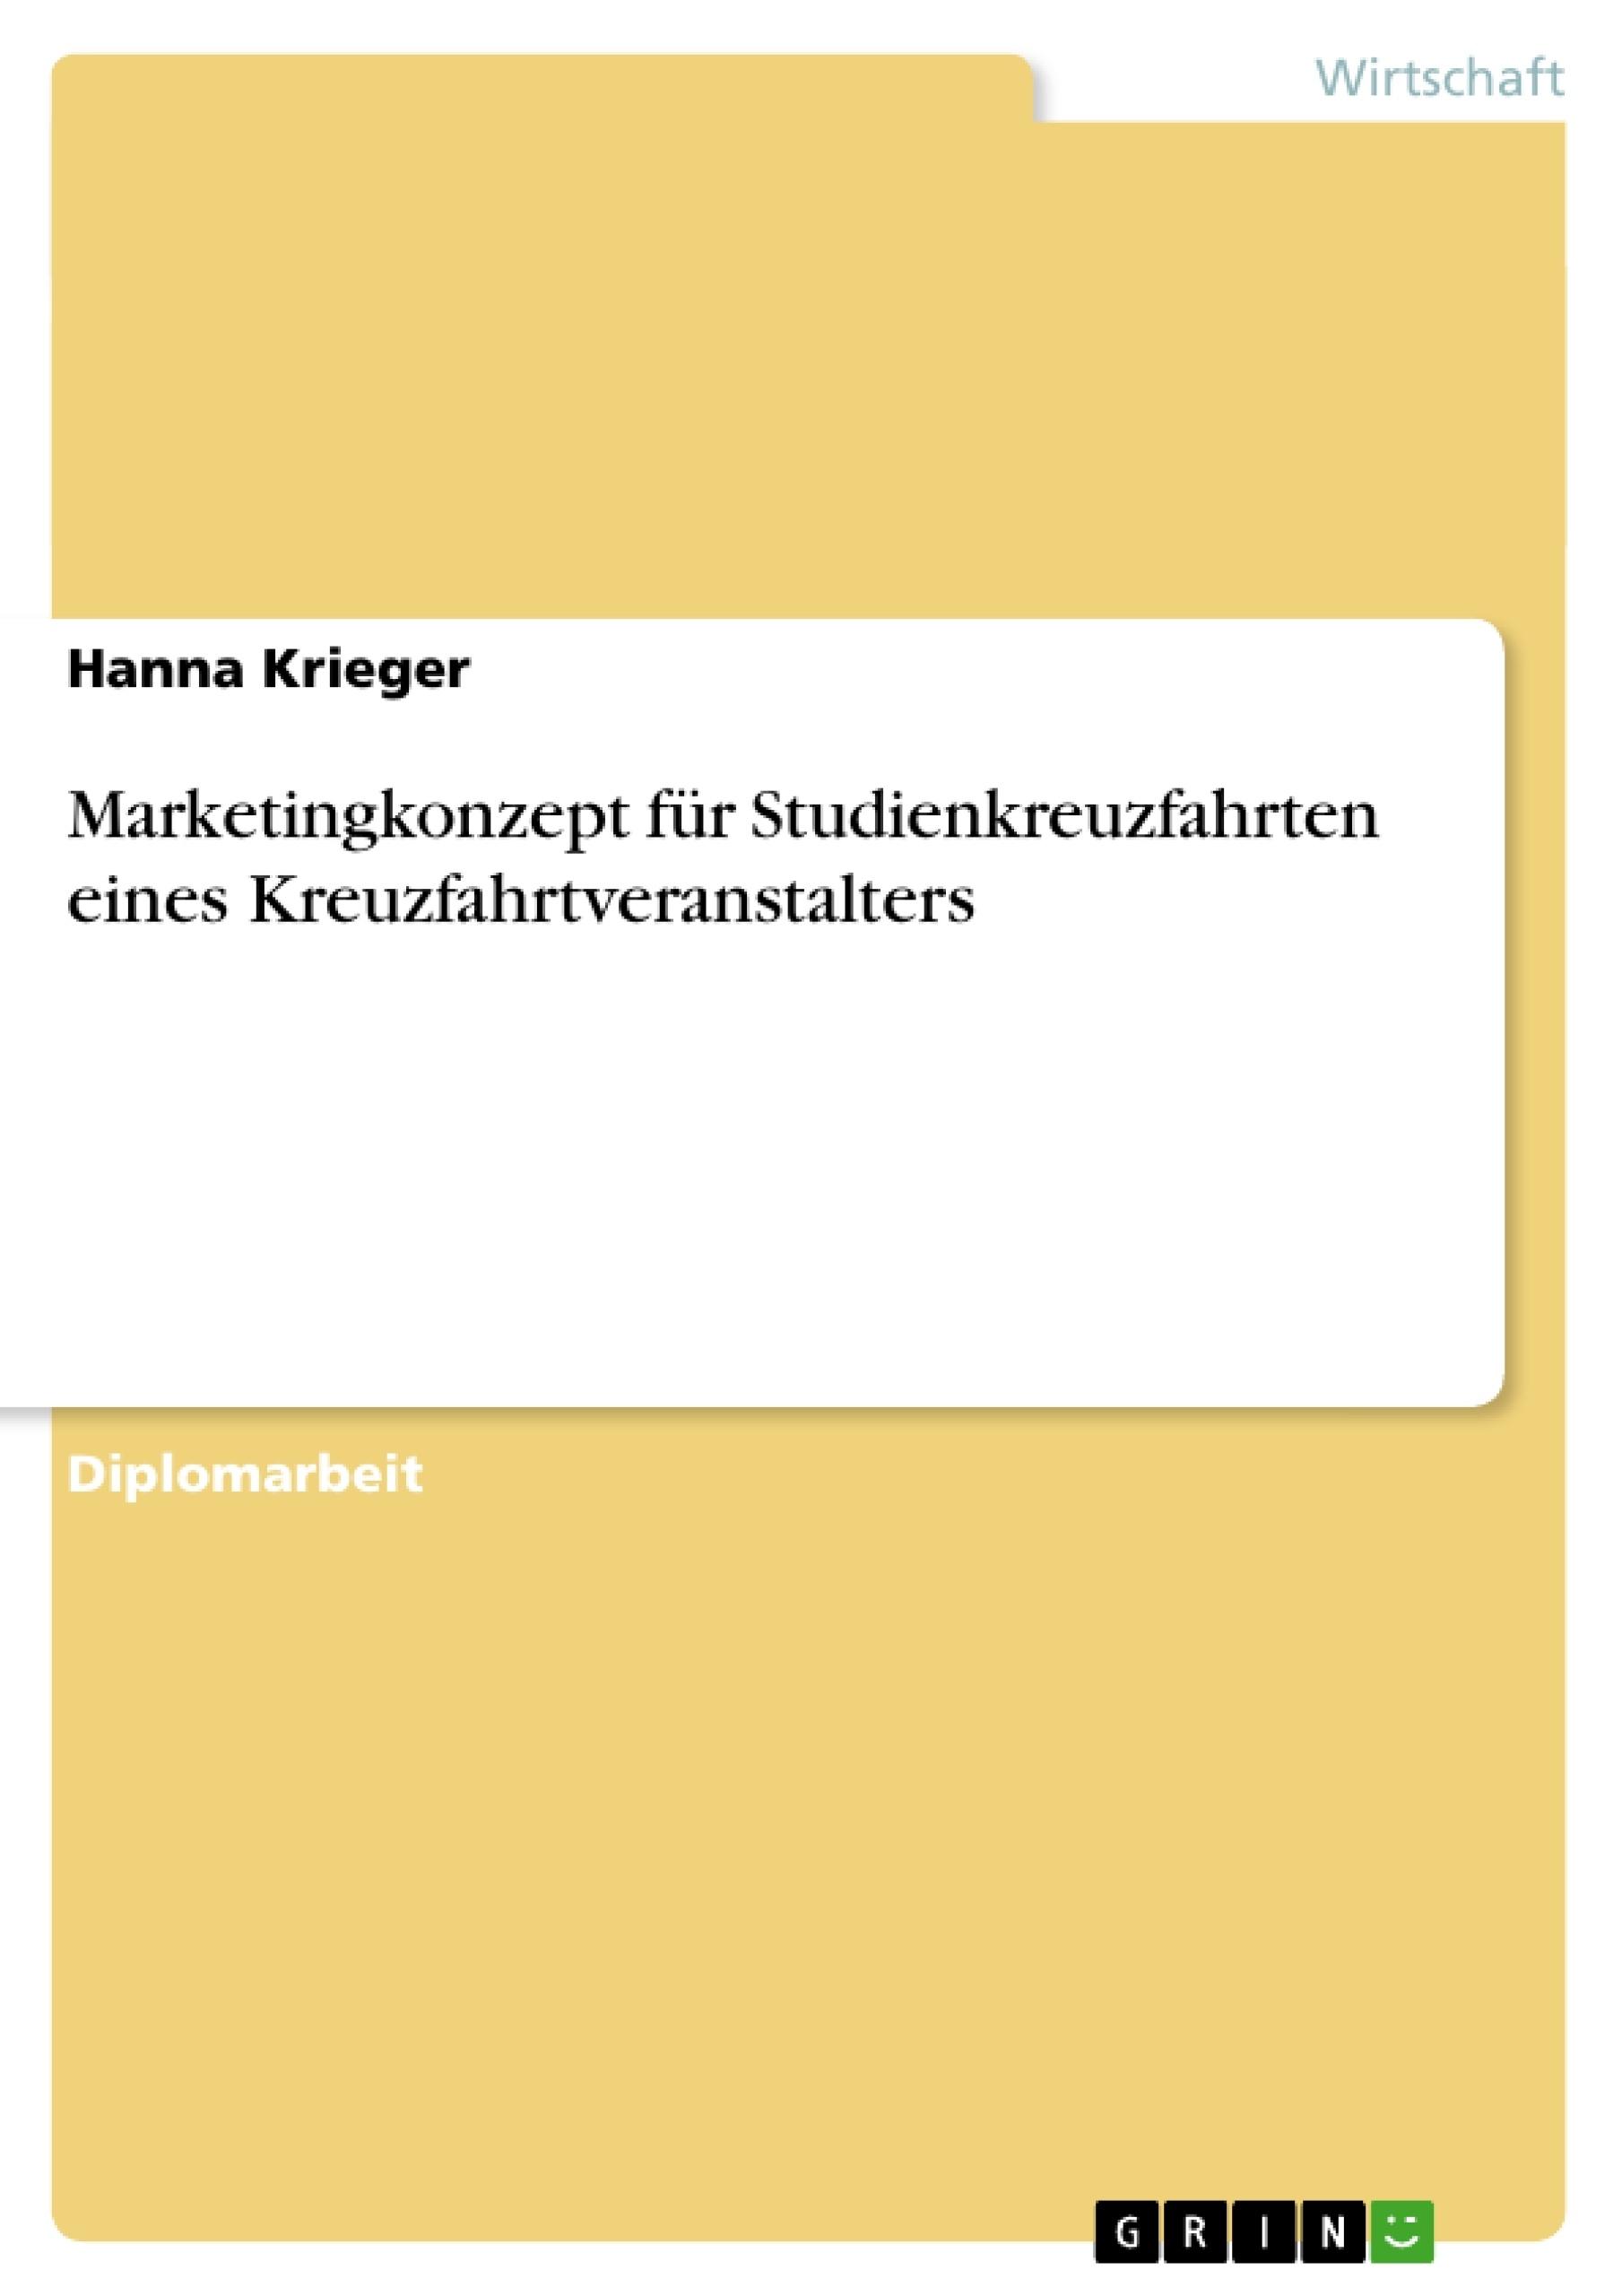 Titel: Marketingkonzept für Studienkreuzfahrten eines Kreuzfahrtveranstalters